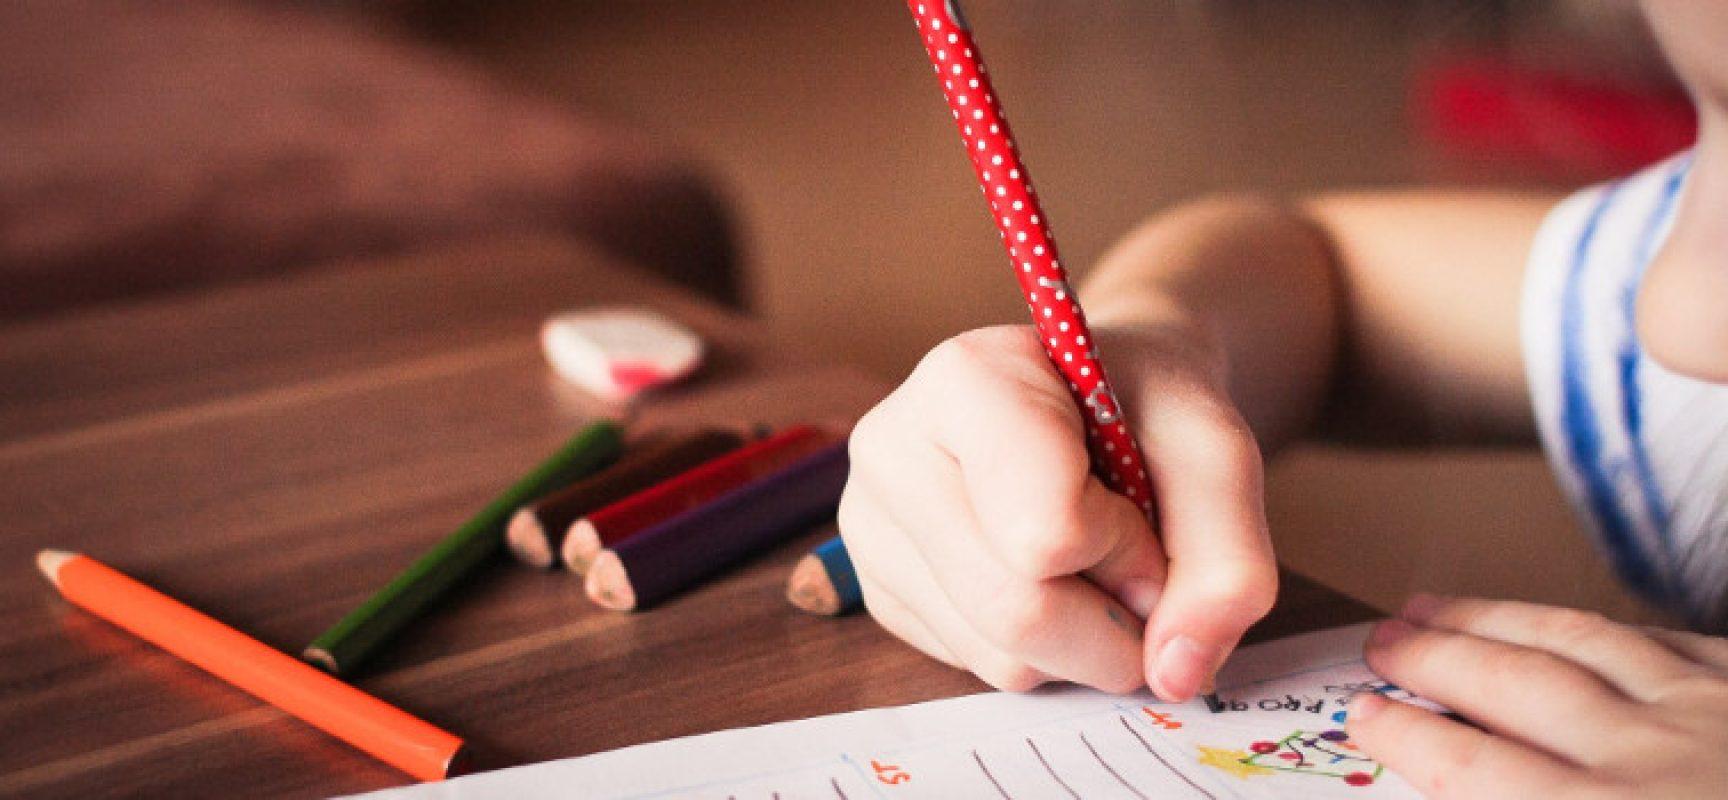 Contrasto povertà educativa, bando nazionale da 70 milioni di euro